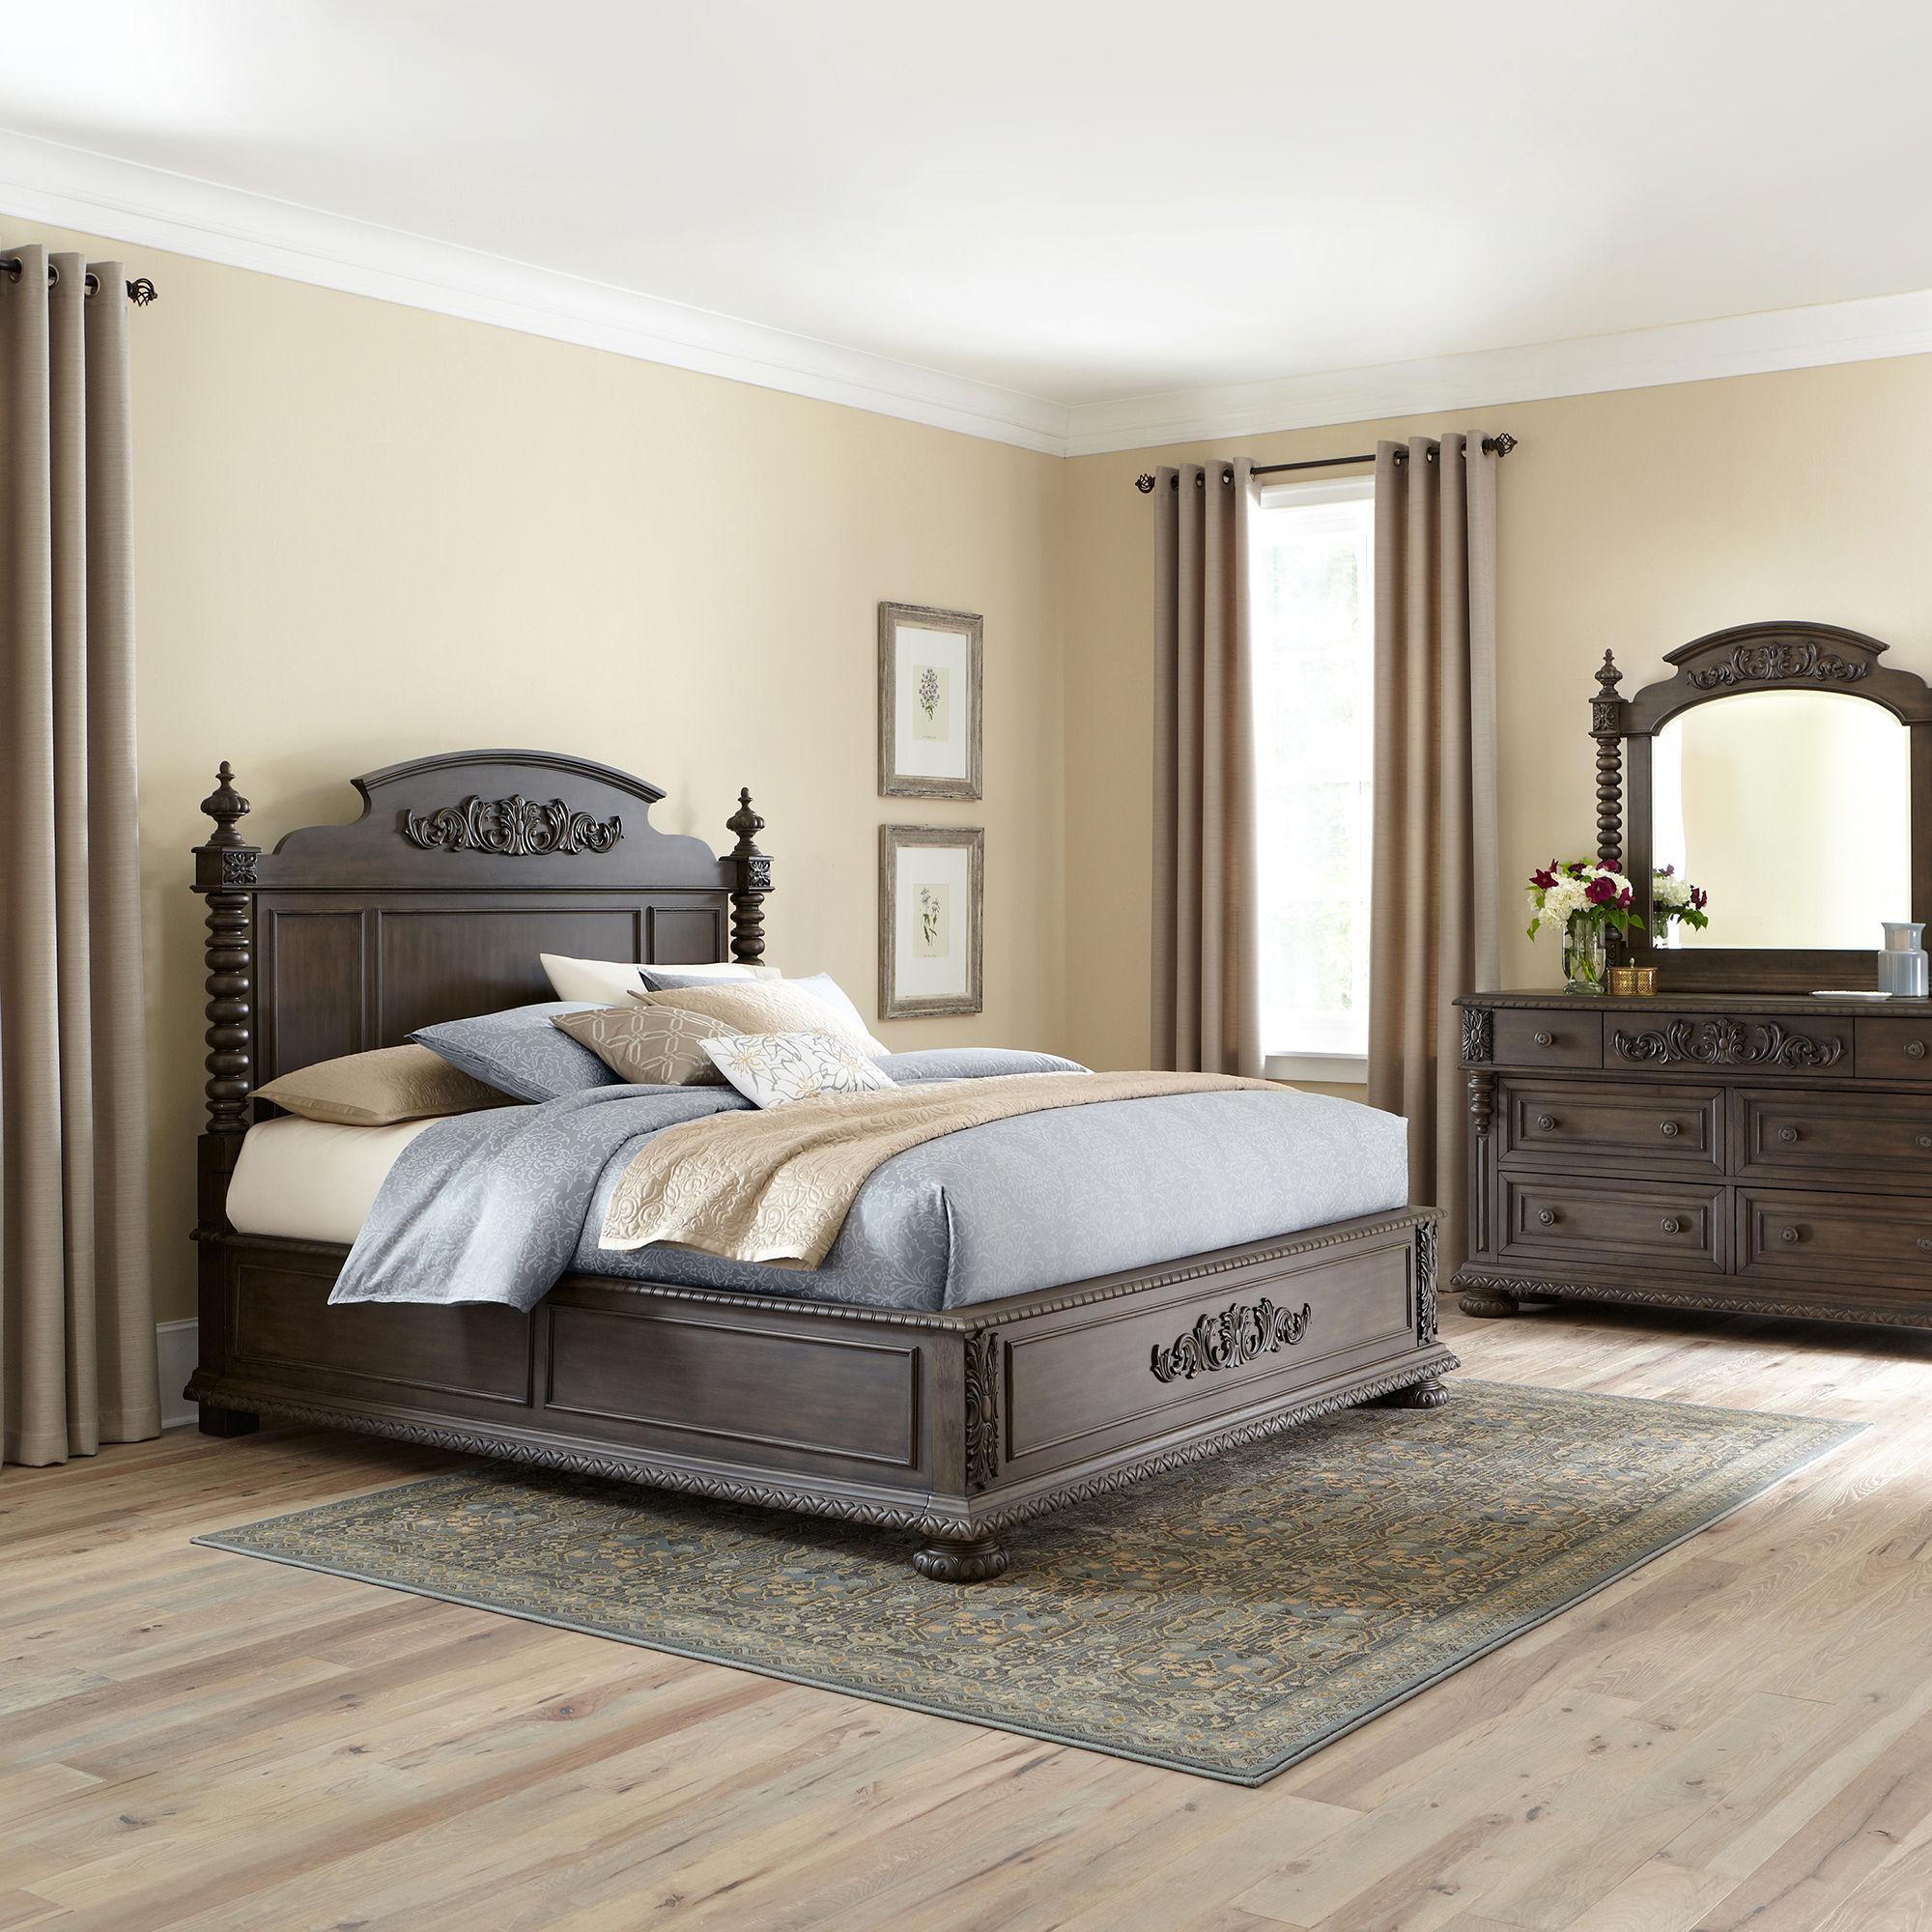 Jcpenney Bedroom Furniture Sets